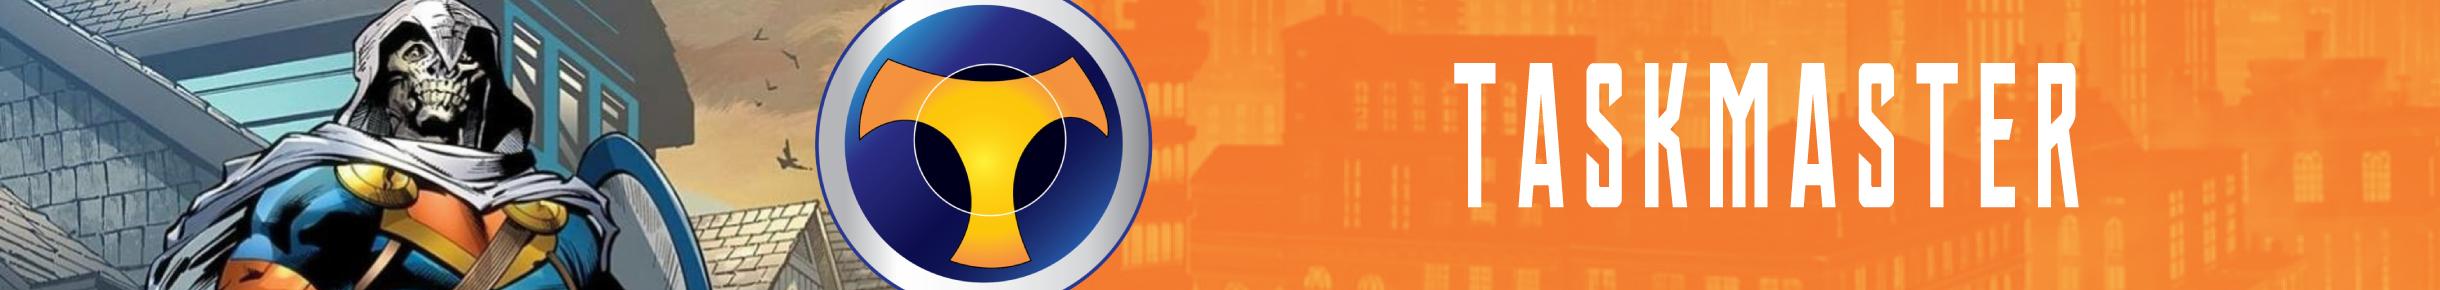 Taskmaster Merchandise Banner